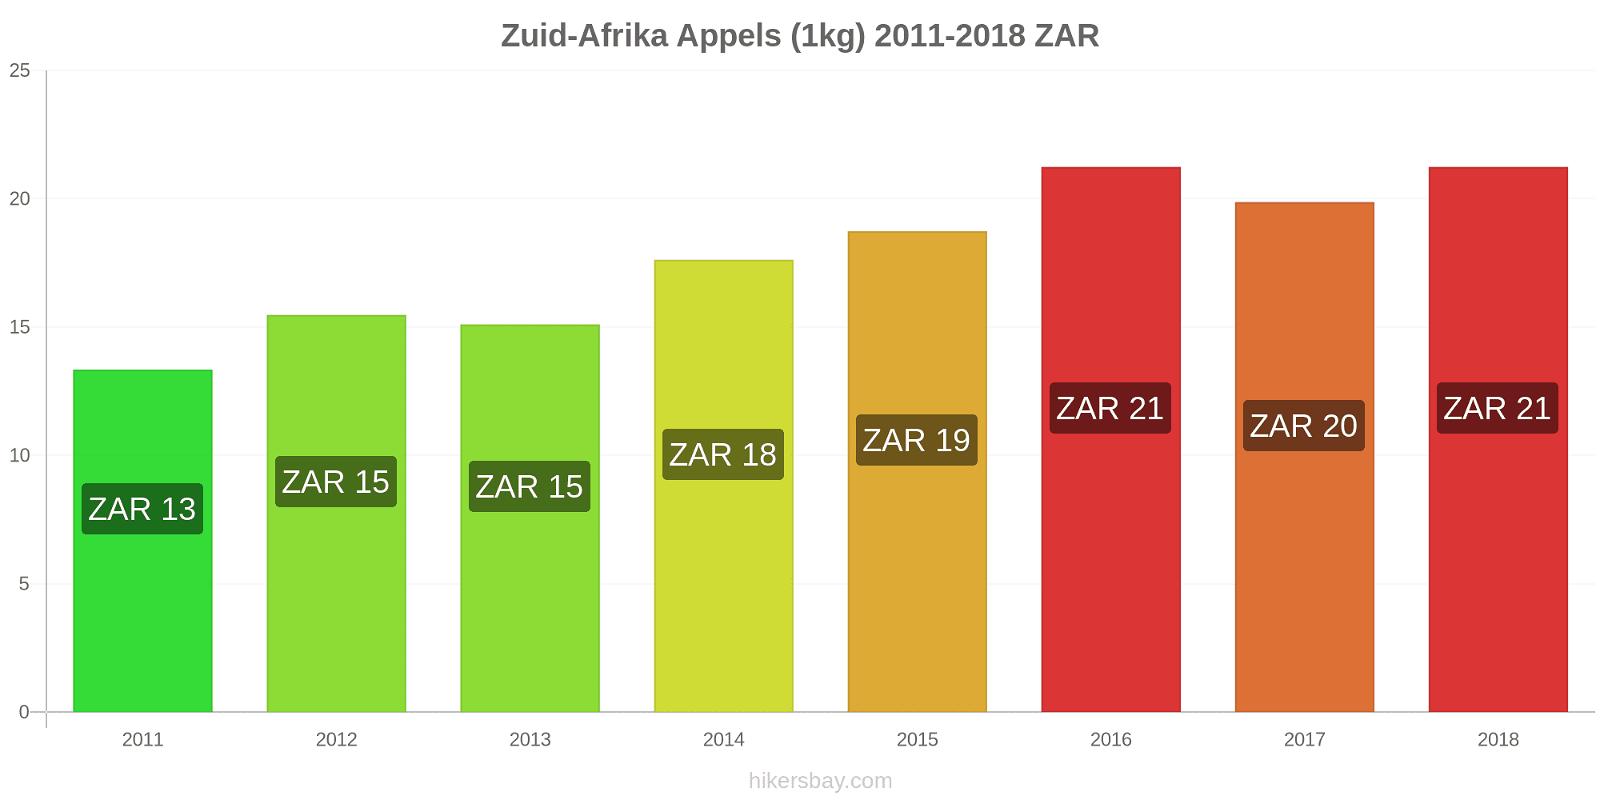 Zuid-Afrika prijswijzigingen Appels (1kg) hikersbay.com